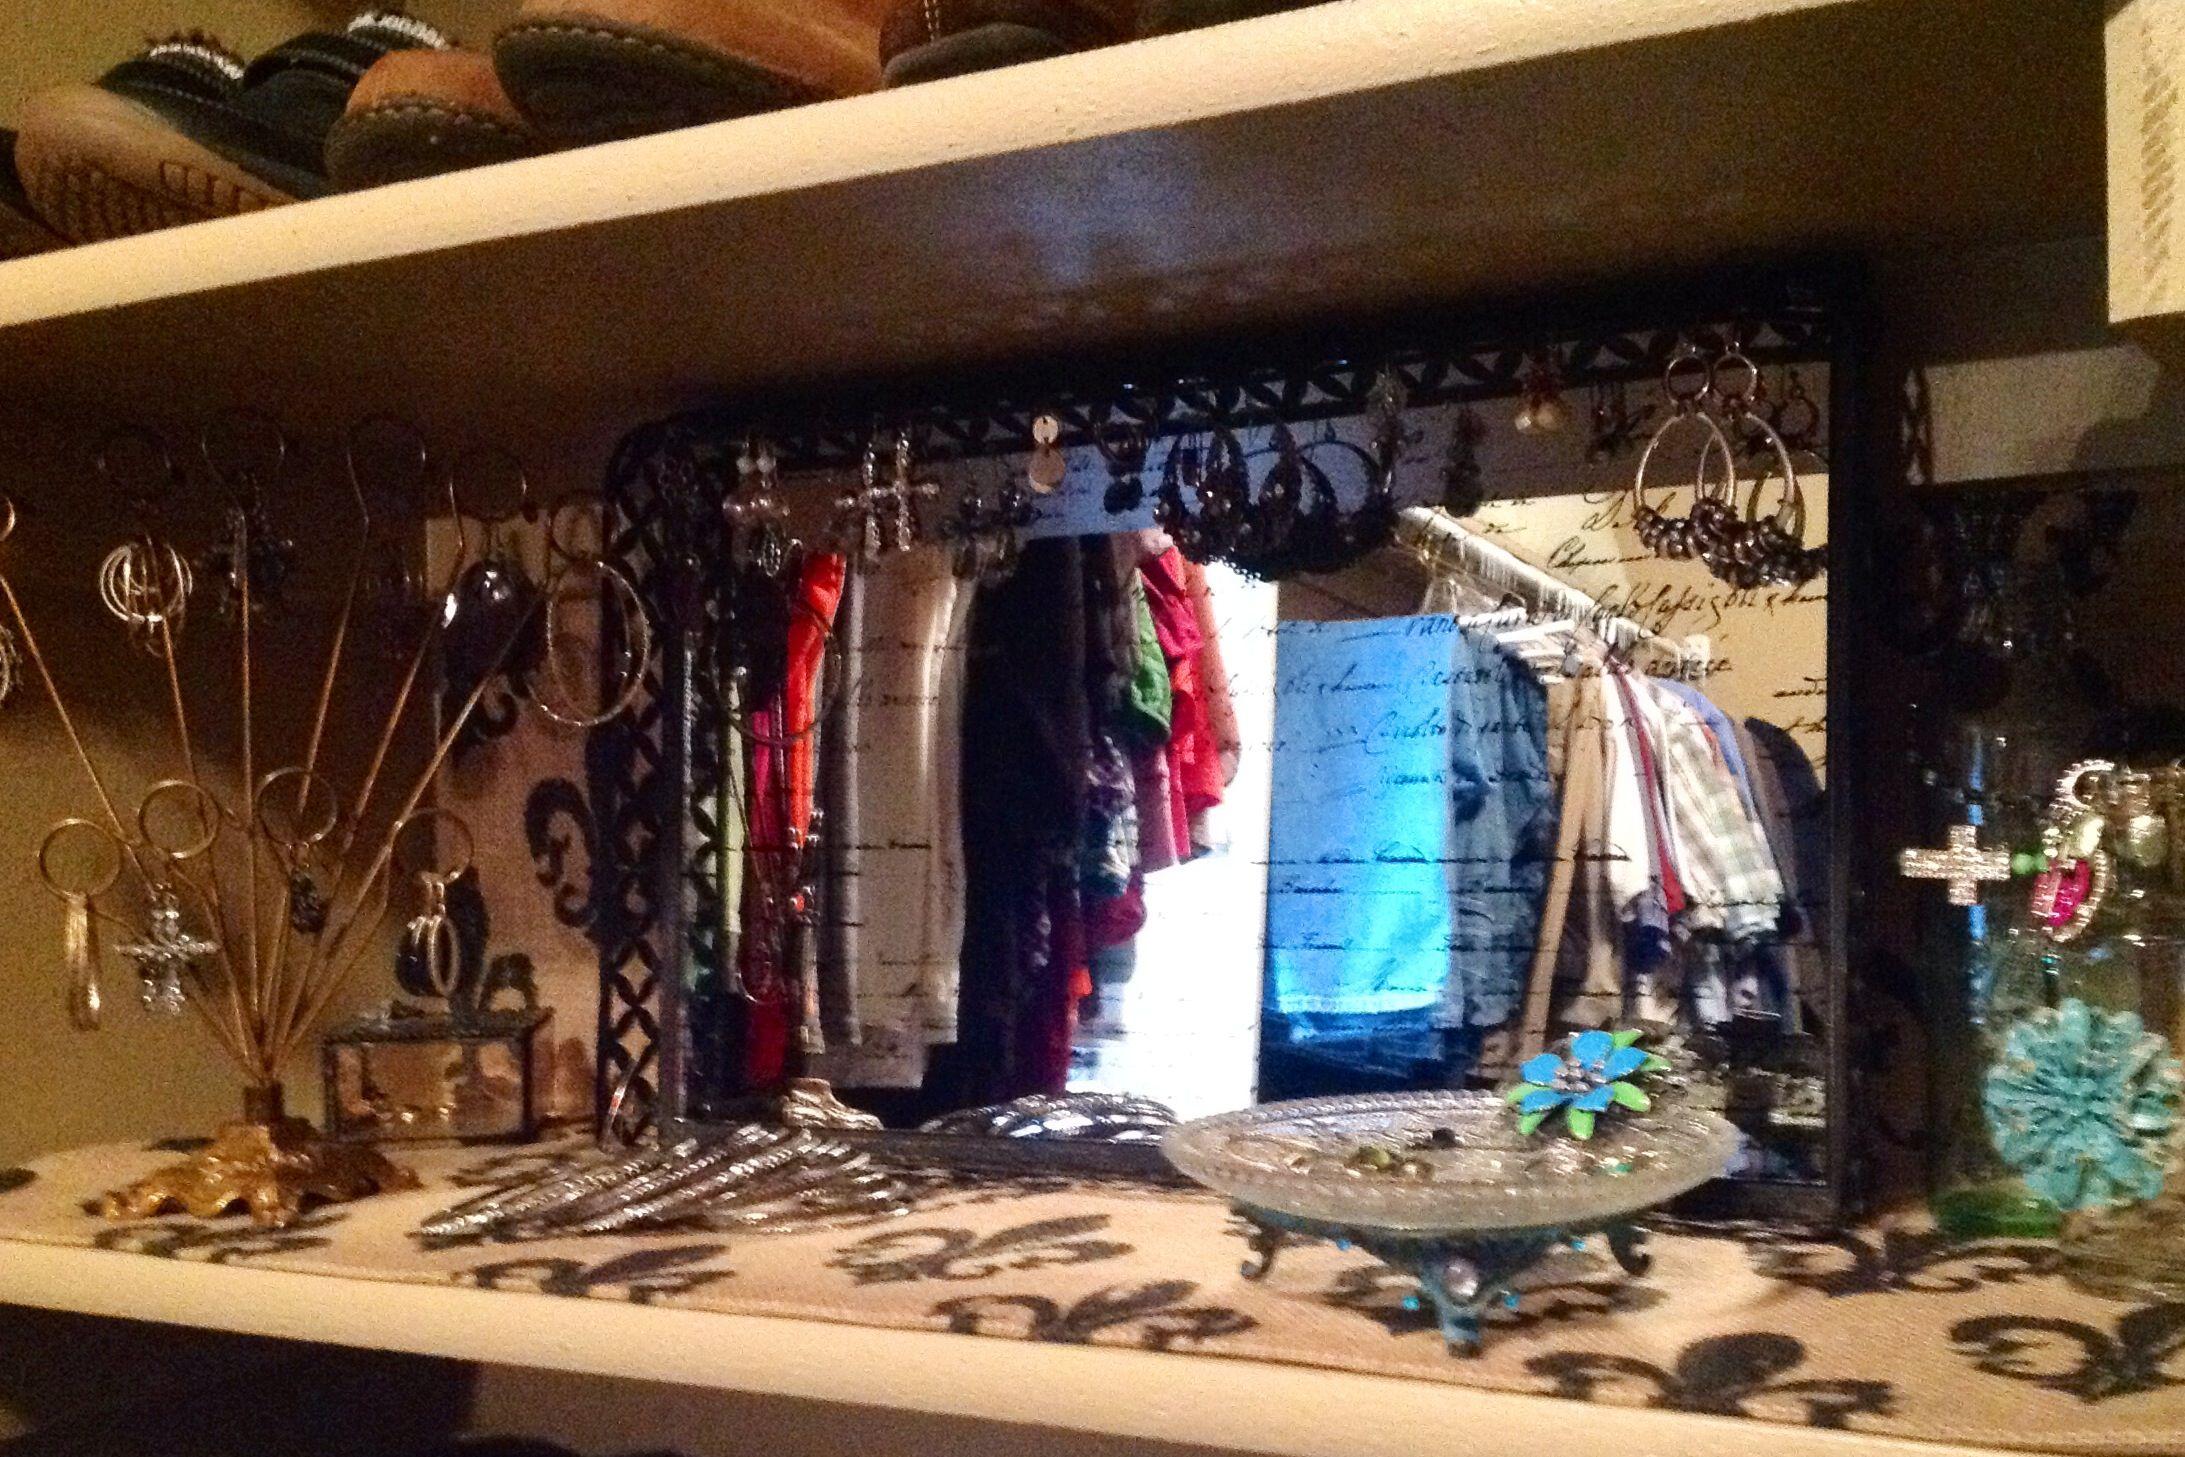 I used one of my shoe shelves to make a jewelry shelf.